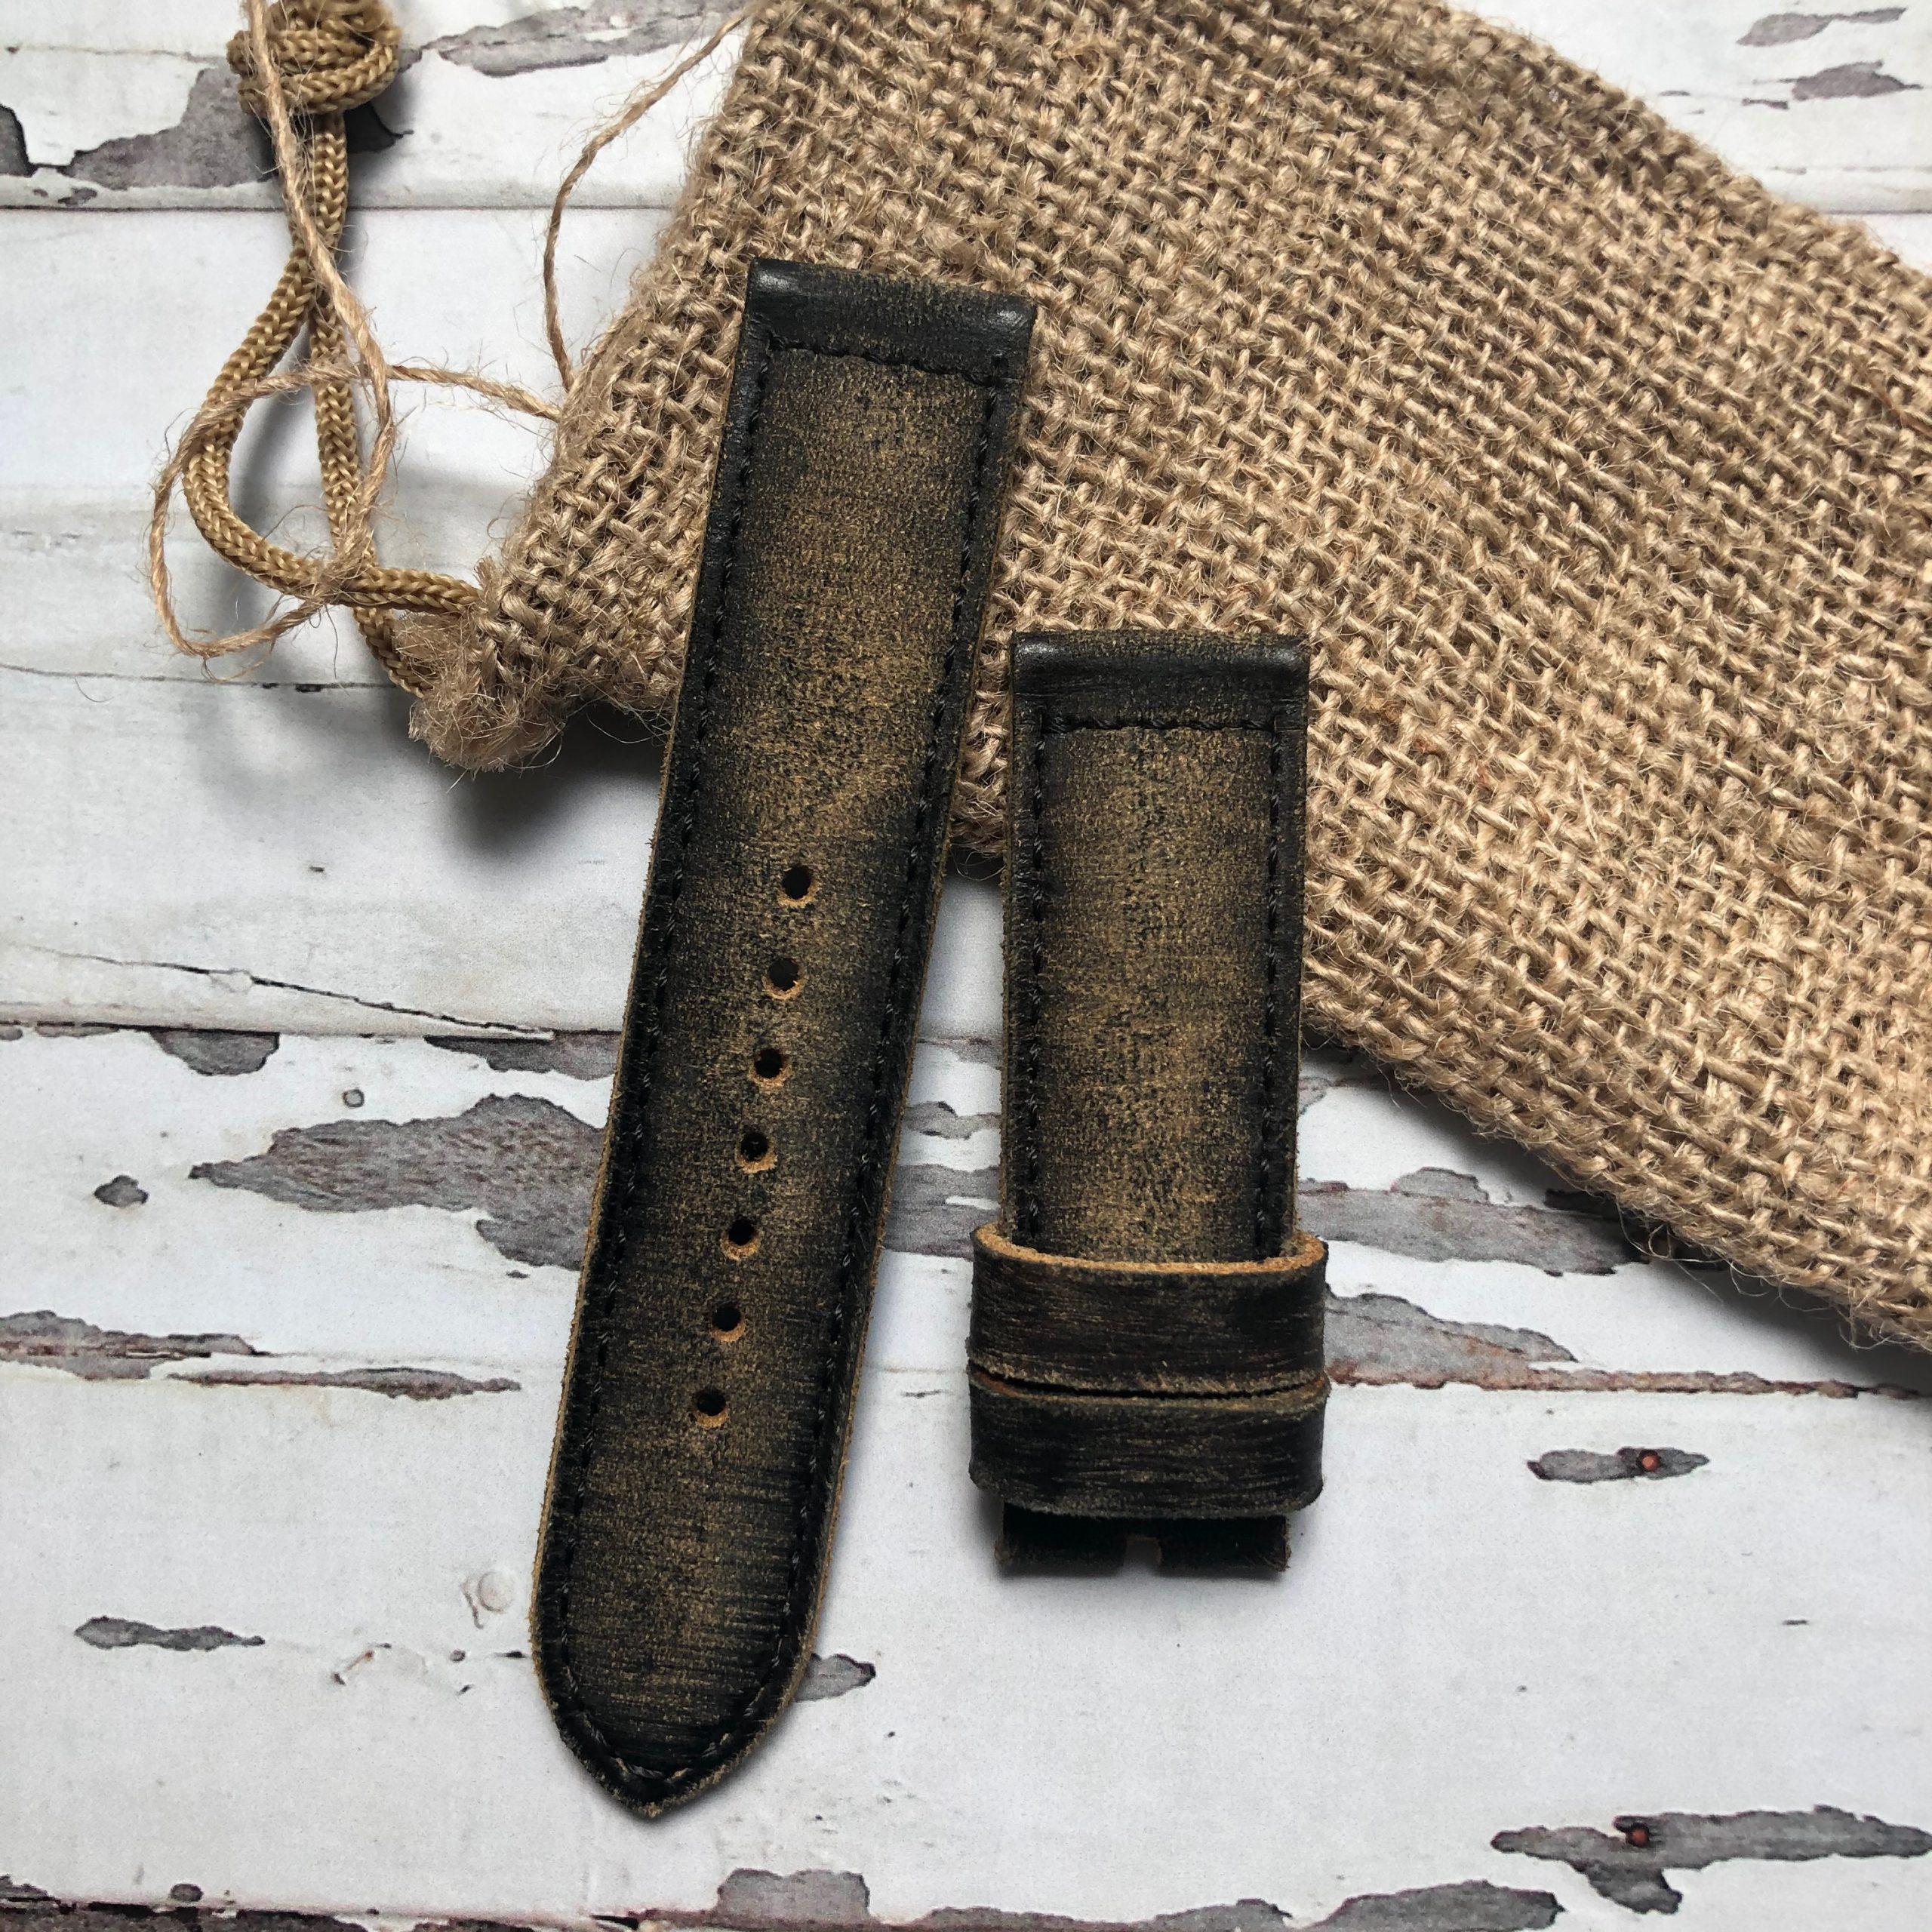 porteur-straps-tarantula-strapsonly (1)